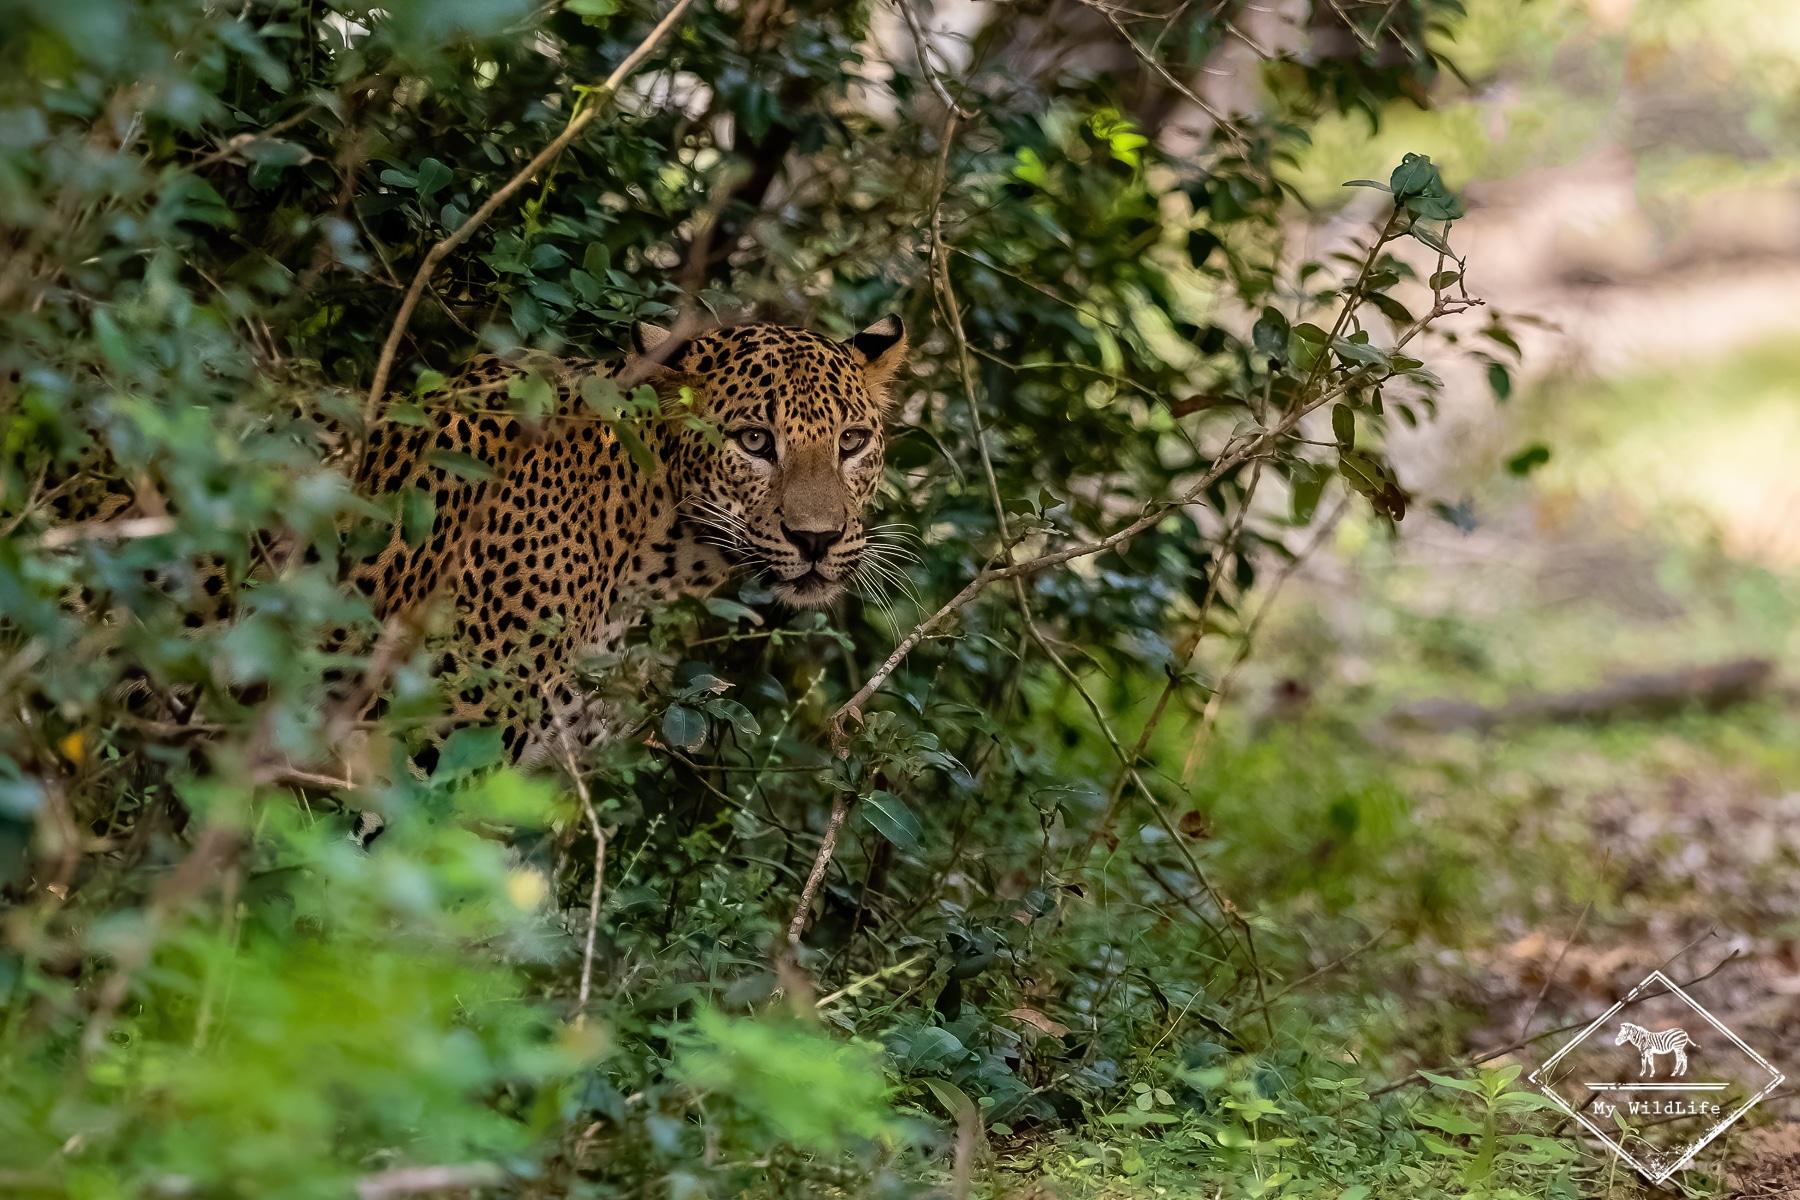 Quels animaux voir au Sri Lanka ? Le léopard